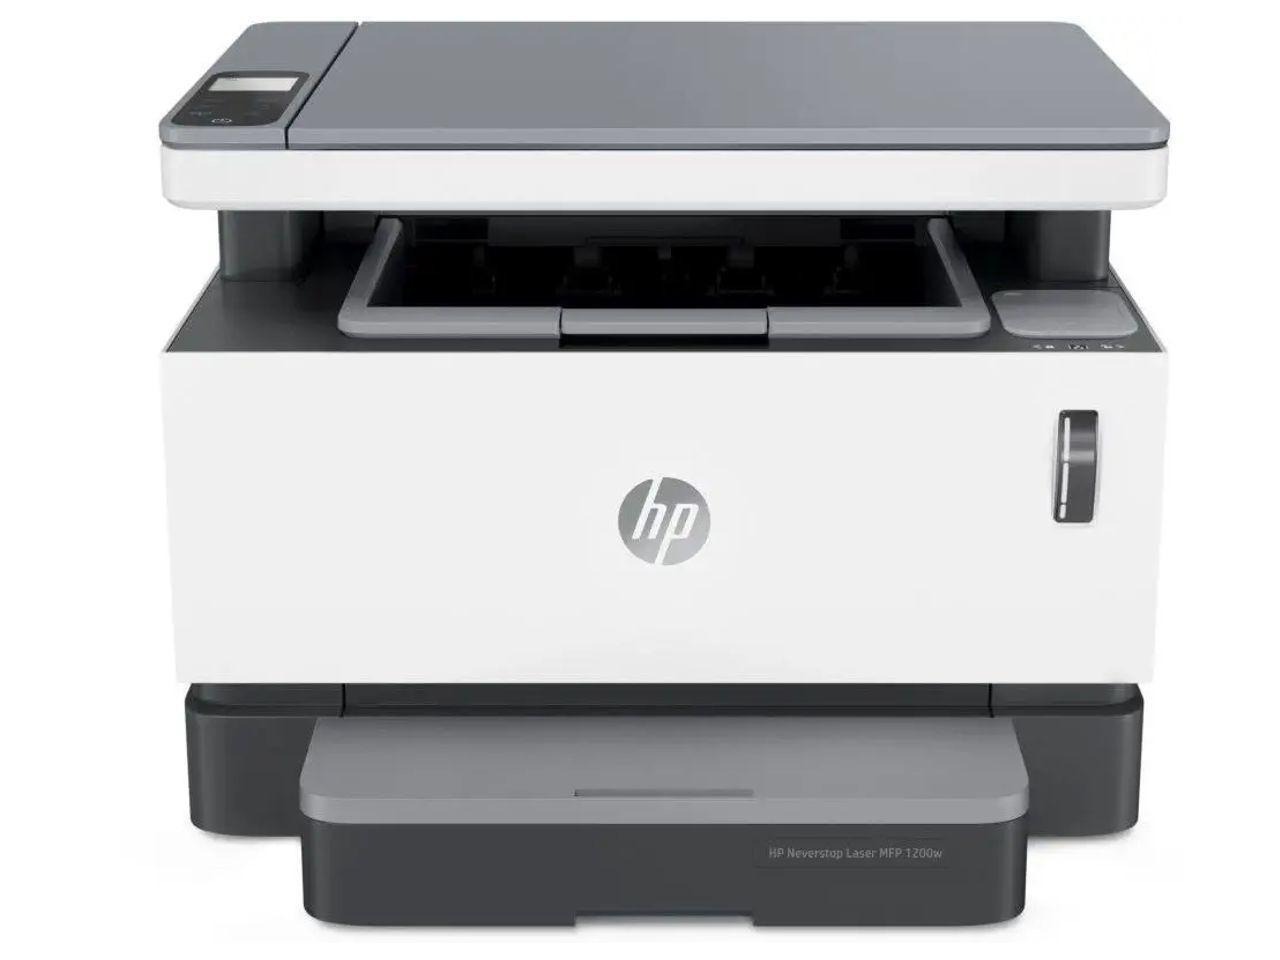 HP Neverstop Laser MFP 1200w (4RY26A) + 200 Kč na dárky nebo další nákup | CHAT on-line podpora PO-P